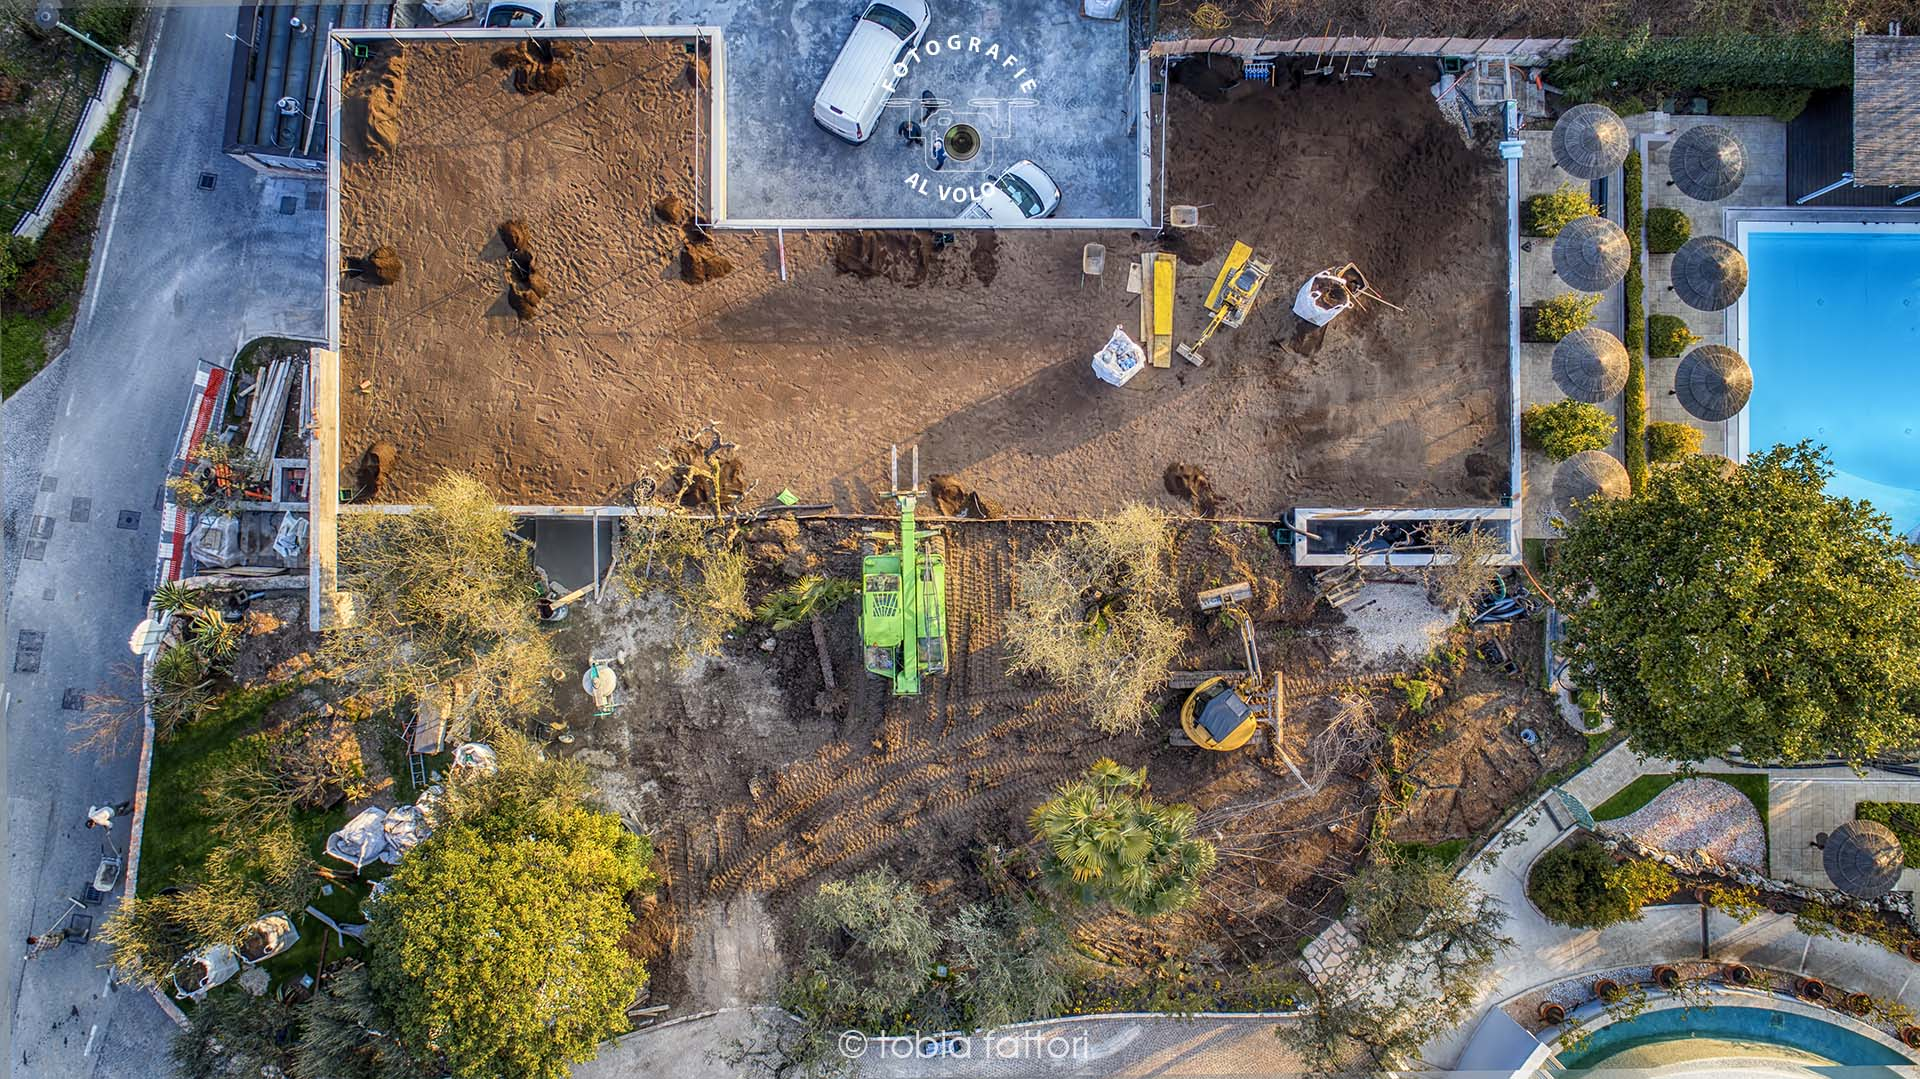 Fotografie Al Volo - Monitoraggio cantiere edile - stato d'avanzamento cantiere con drone - realizzazione solaio post-teso